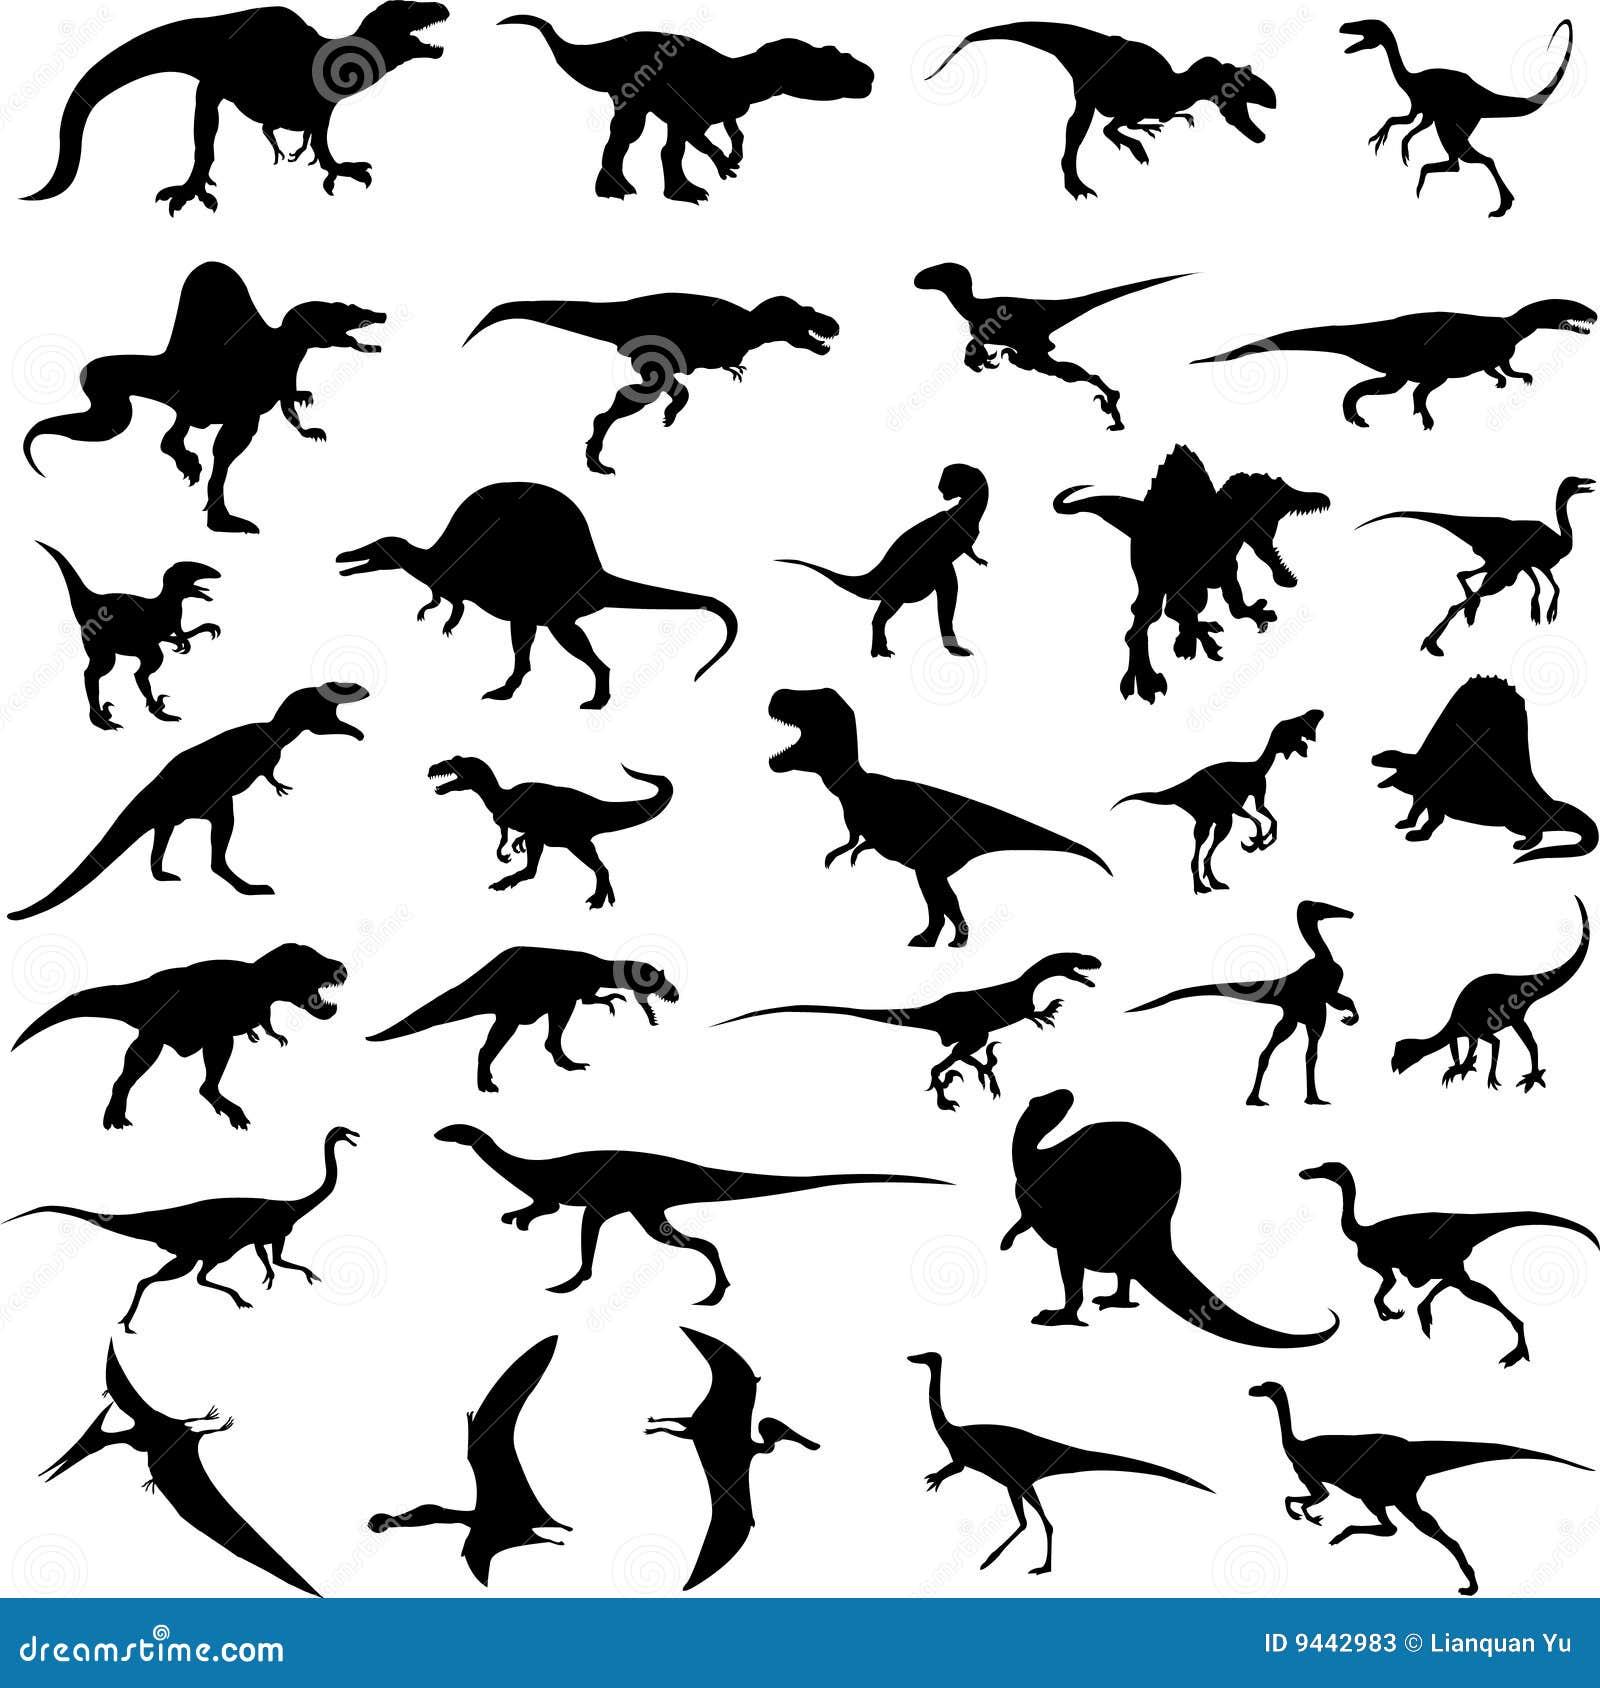 More Similar Stock Images Of Carnivorous Dinosaur In Jurassic Park